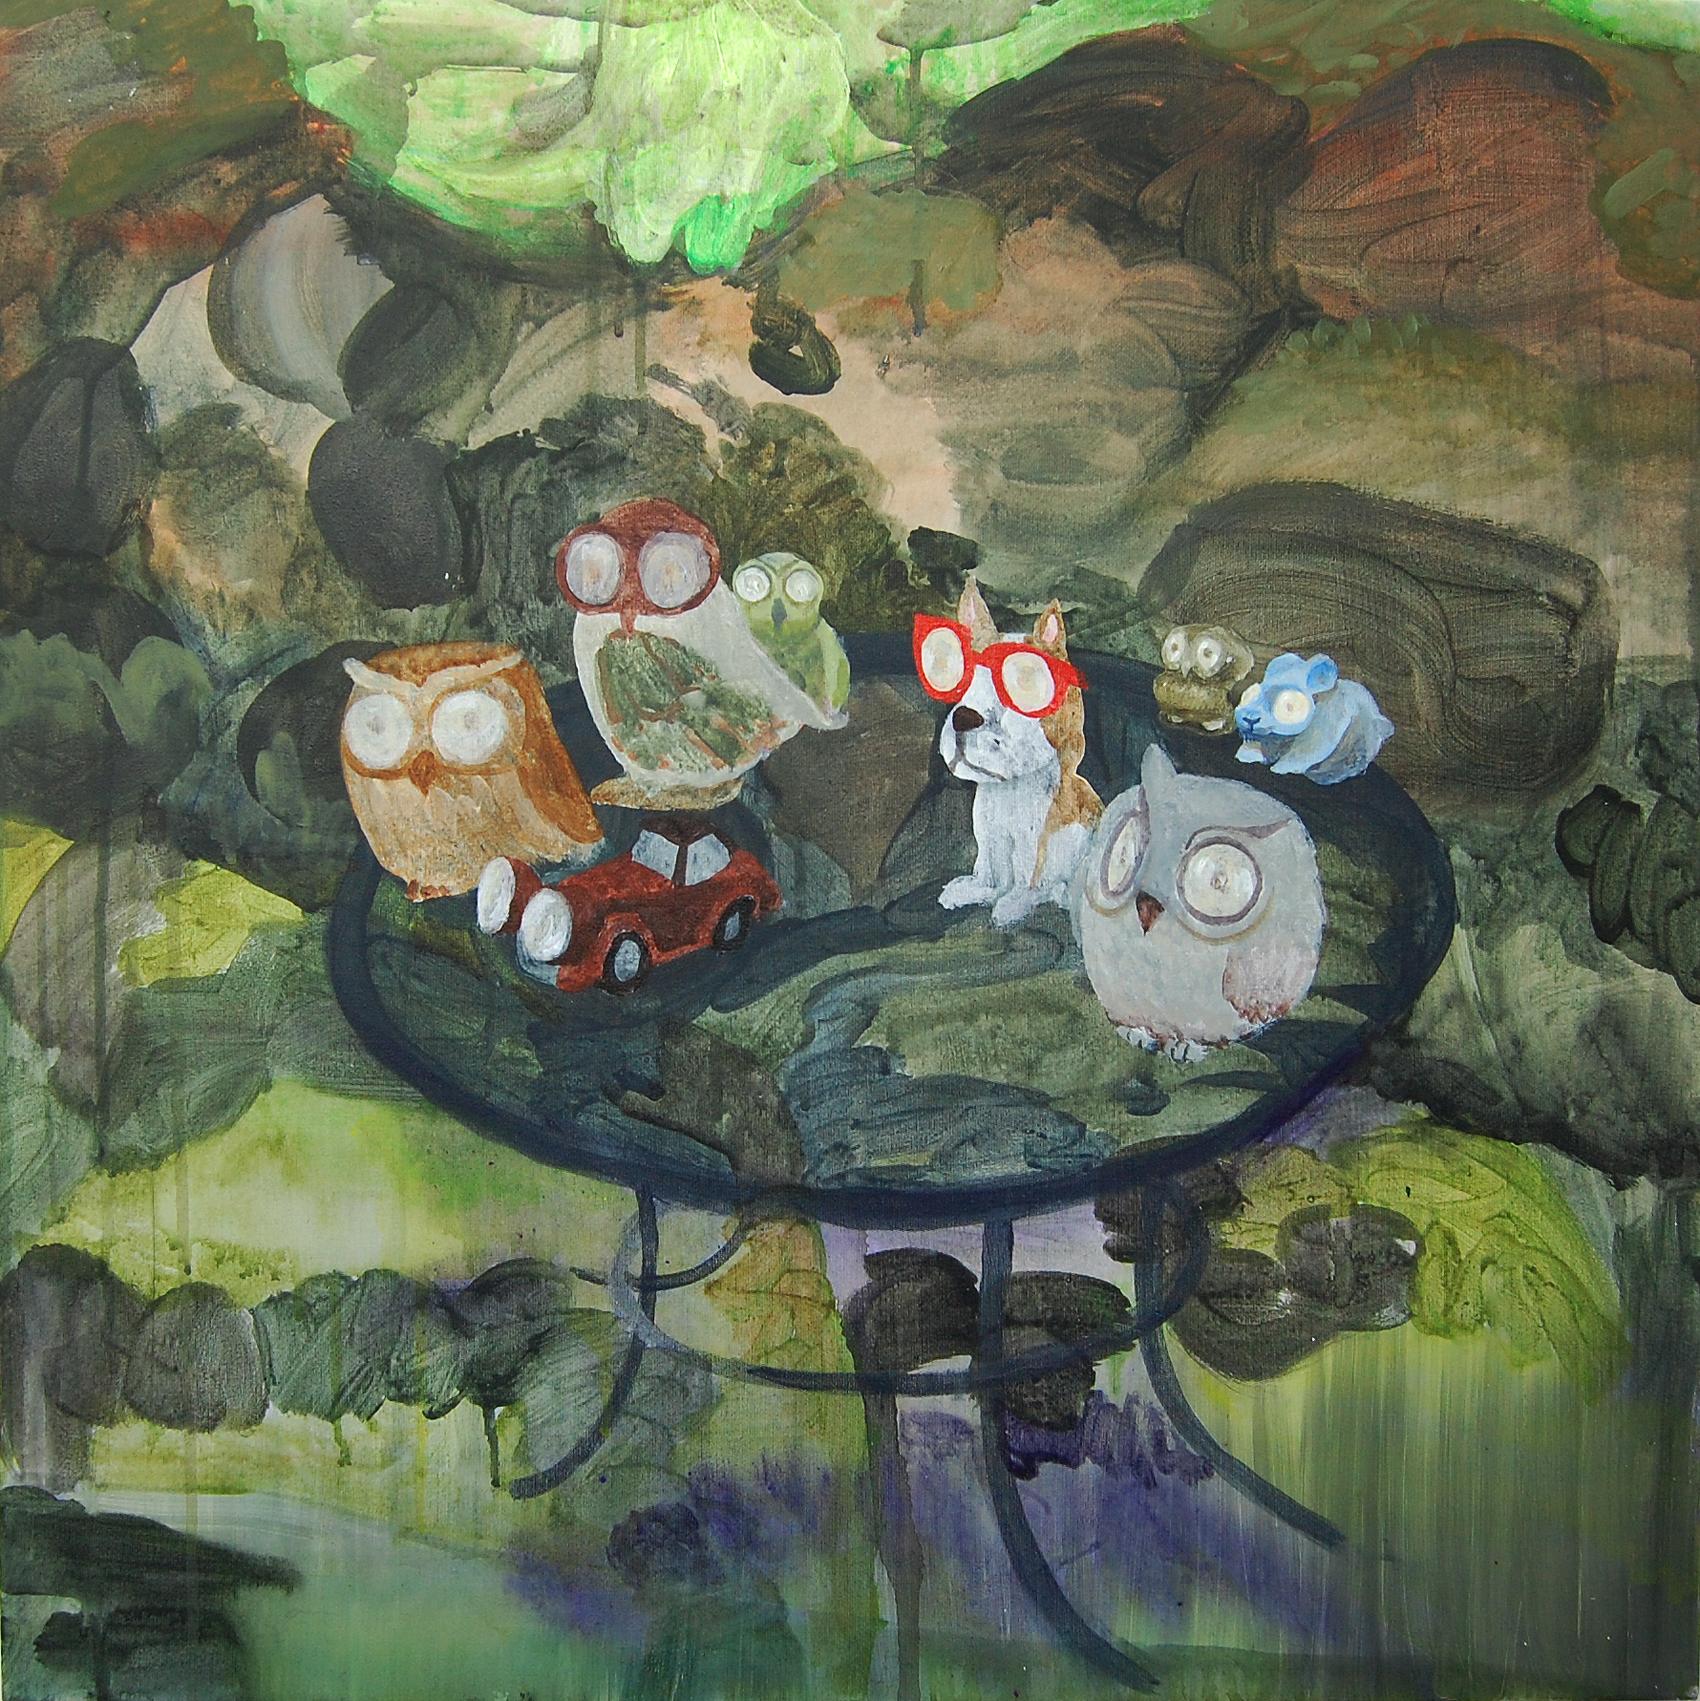 Christian Kuras, Solar Ornaments, Acrylic and oil on canvas, 60 x 60 x 2,  http://christiankuras.com